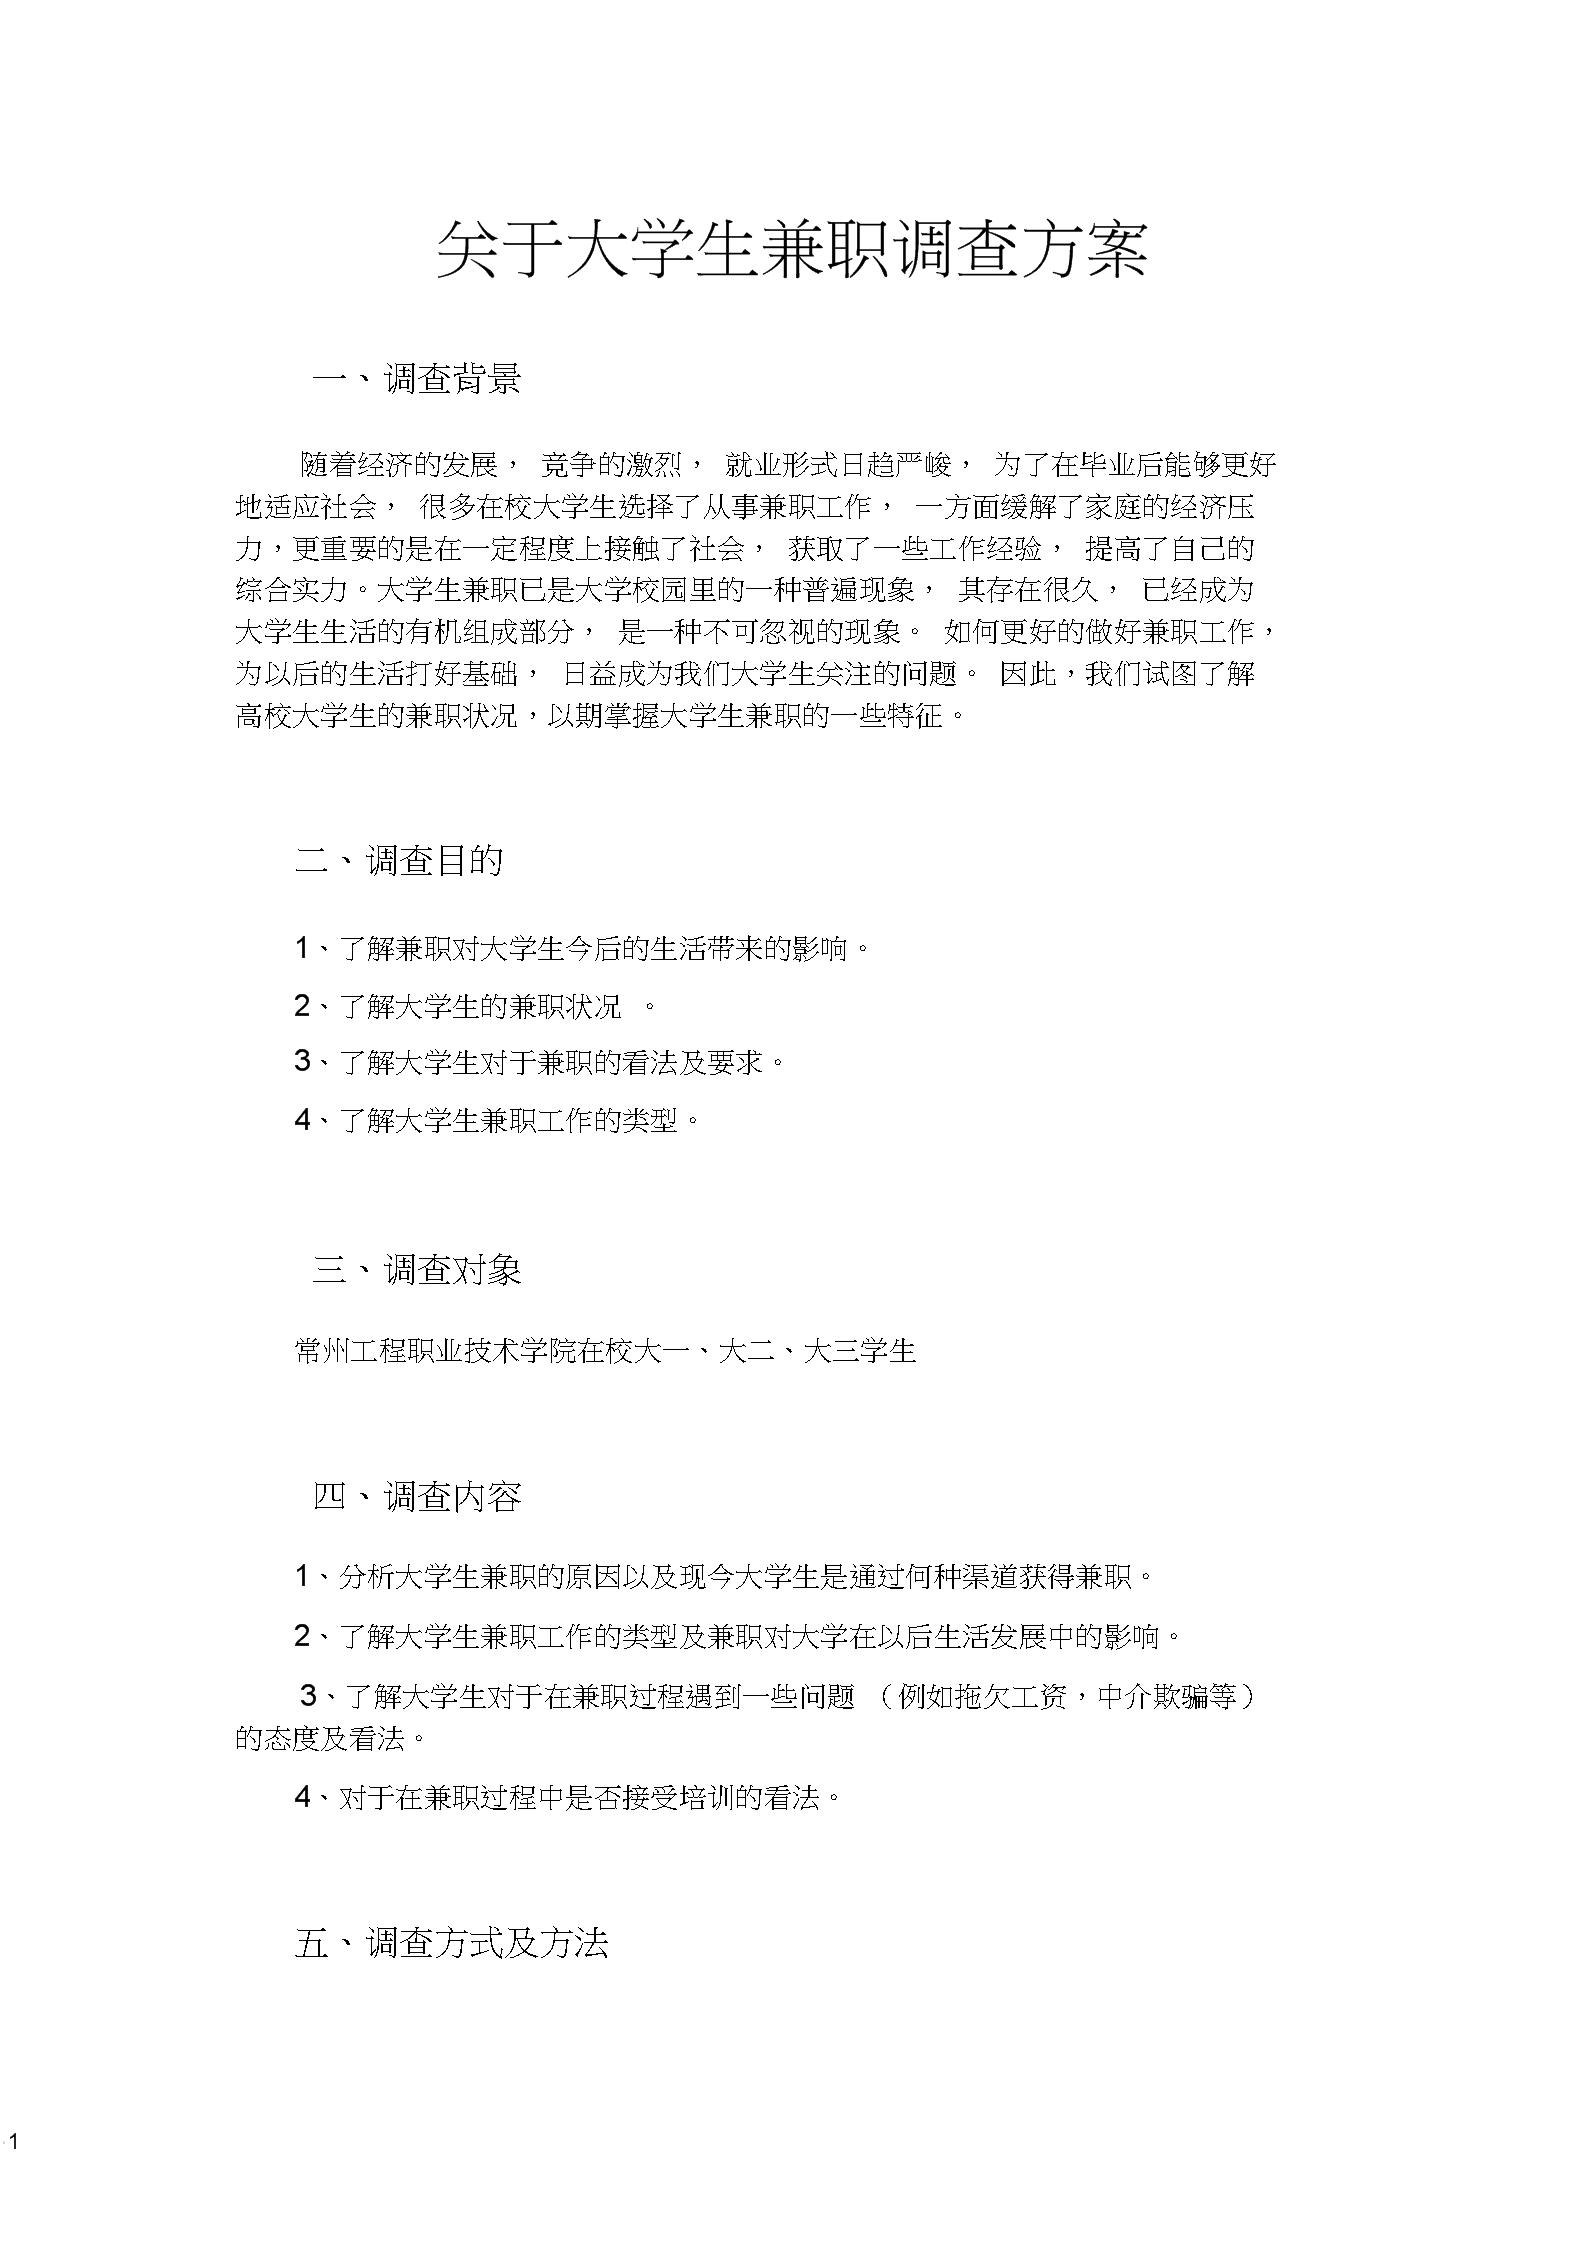 关于大学生兼职调查方案.docx